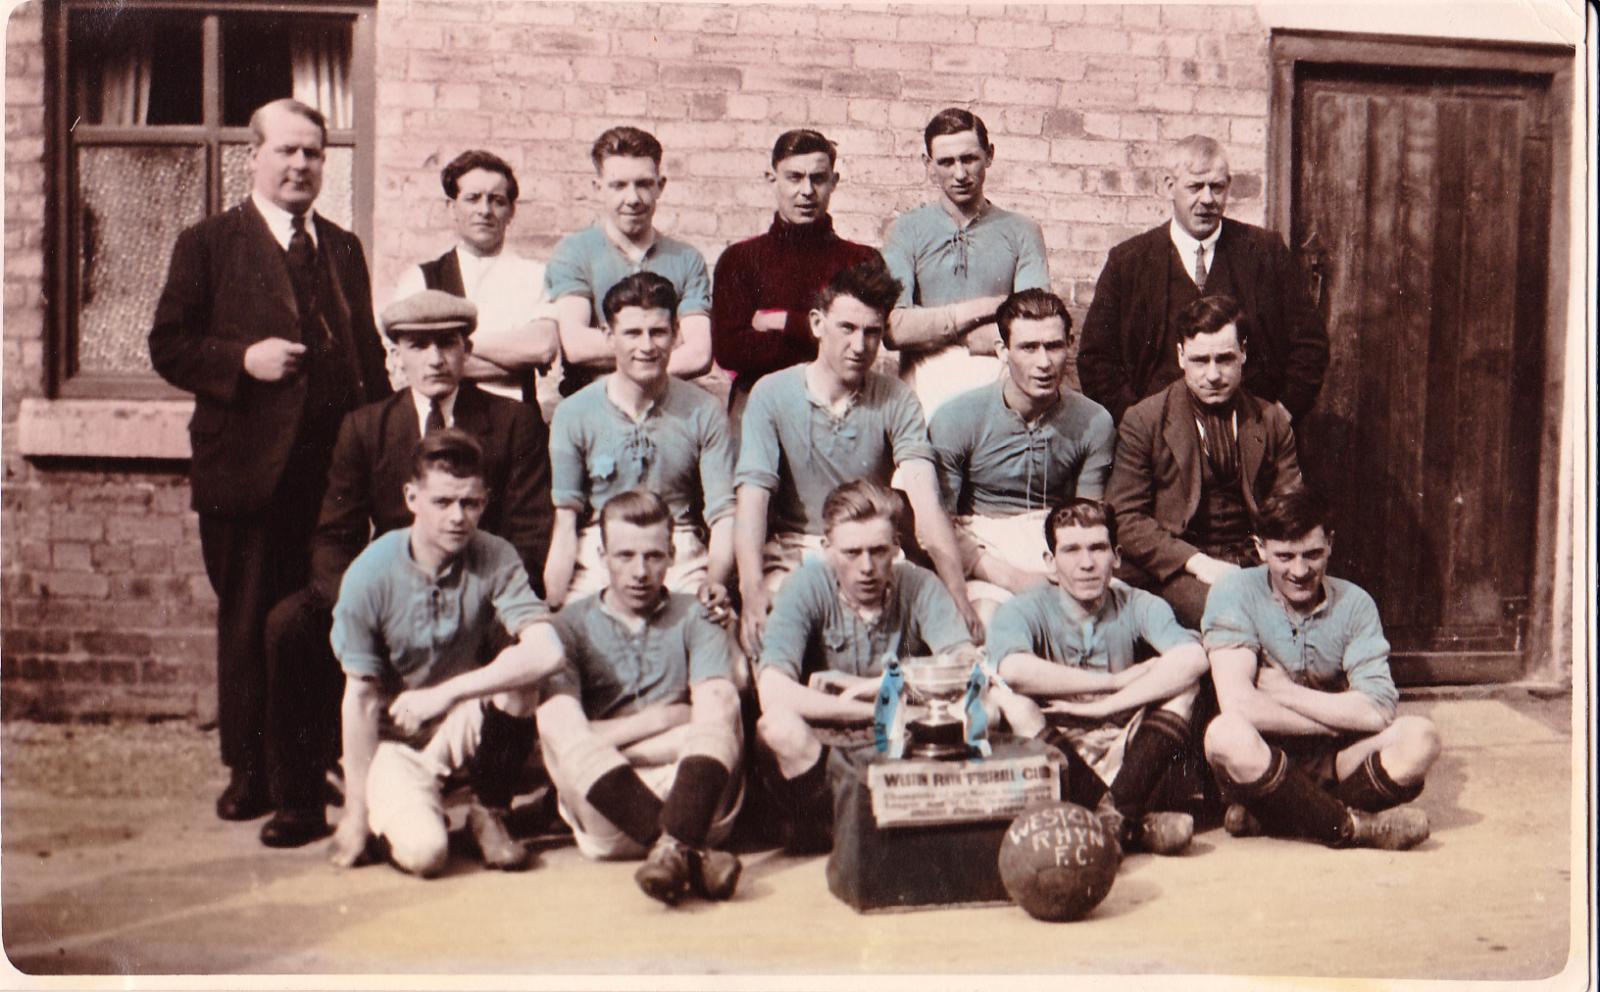 Weston Rhyn Football Club - Circa 1930